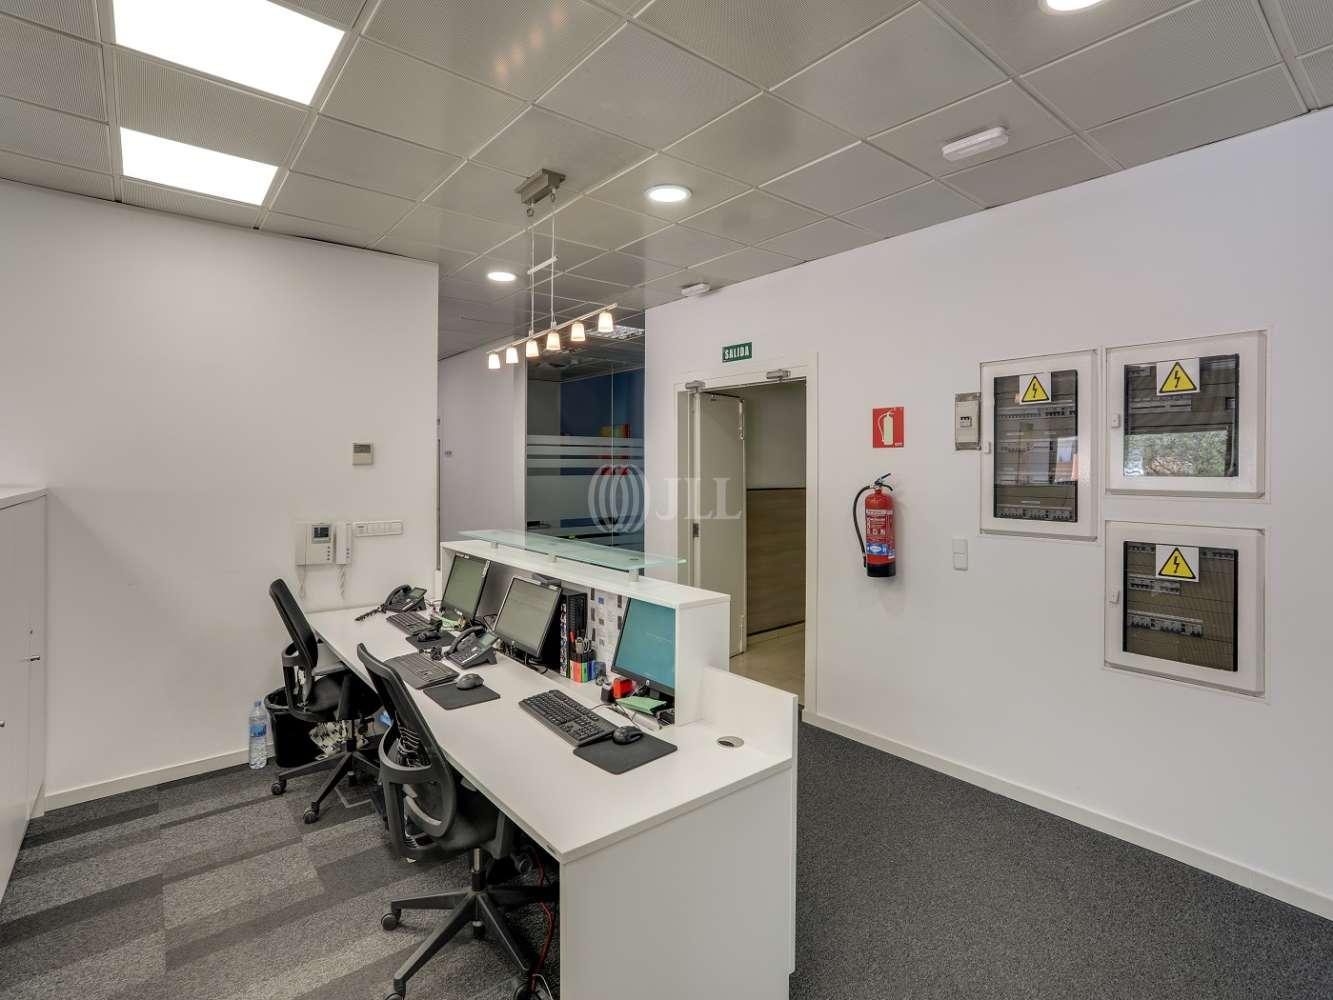 Oficina Las rozas de madrid, 28232 - Coworking - Las Rozas